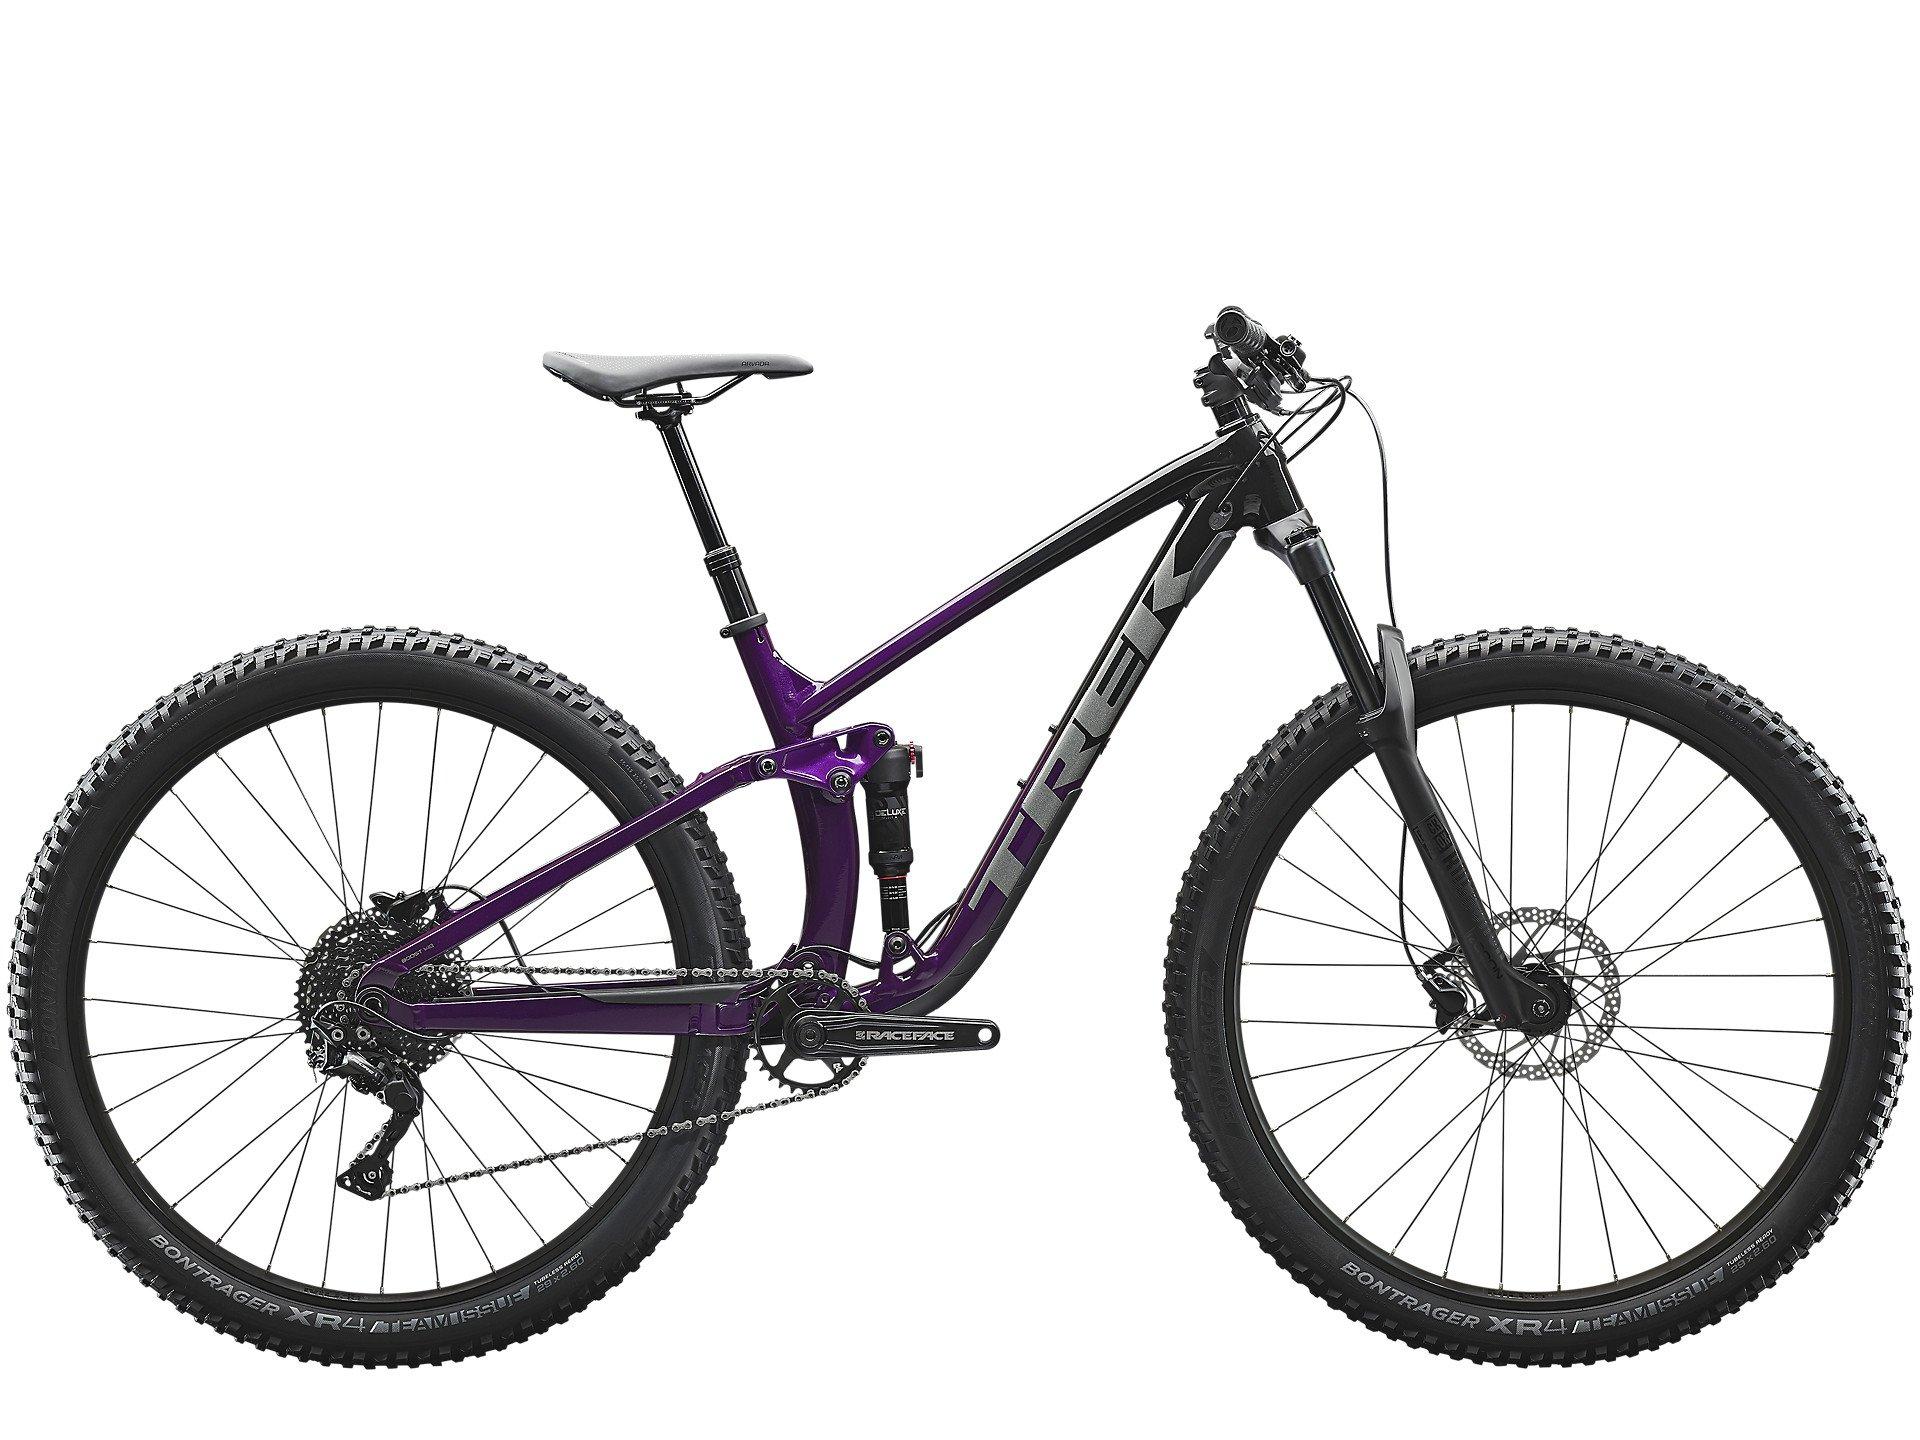 Trek Fuel EX Deore Black Purple